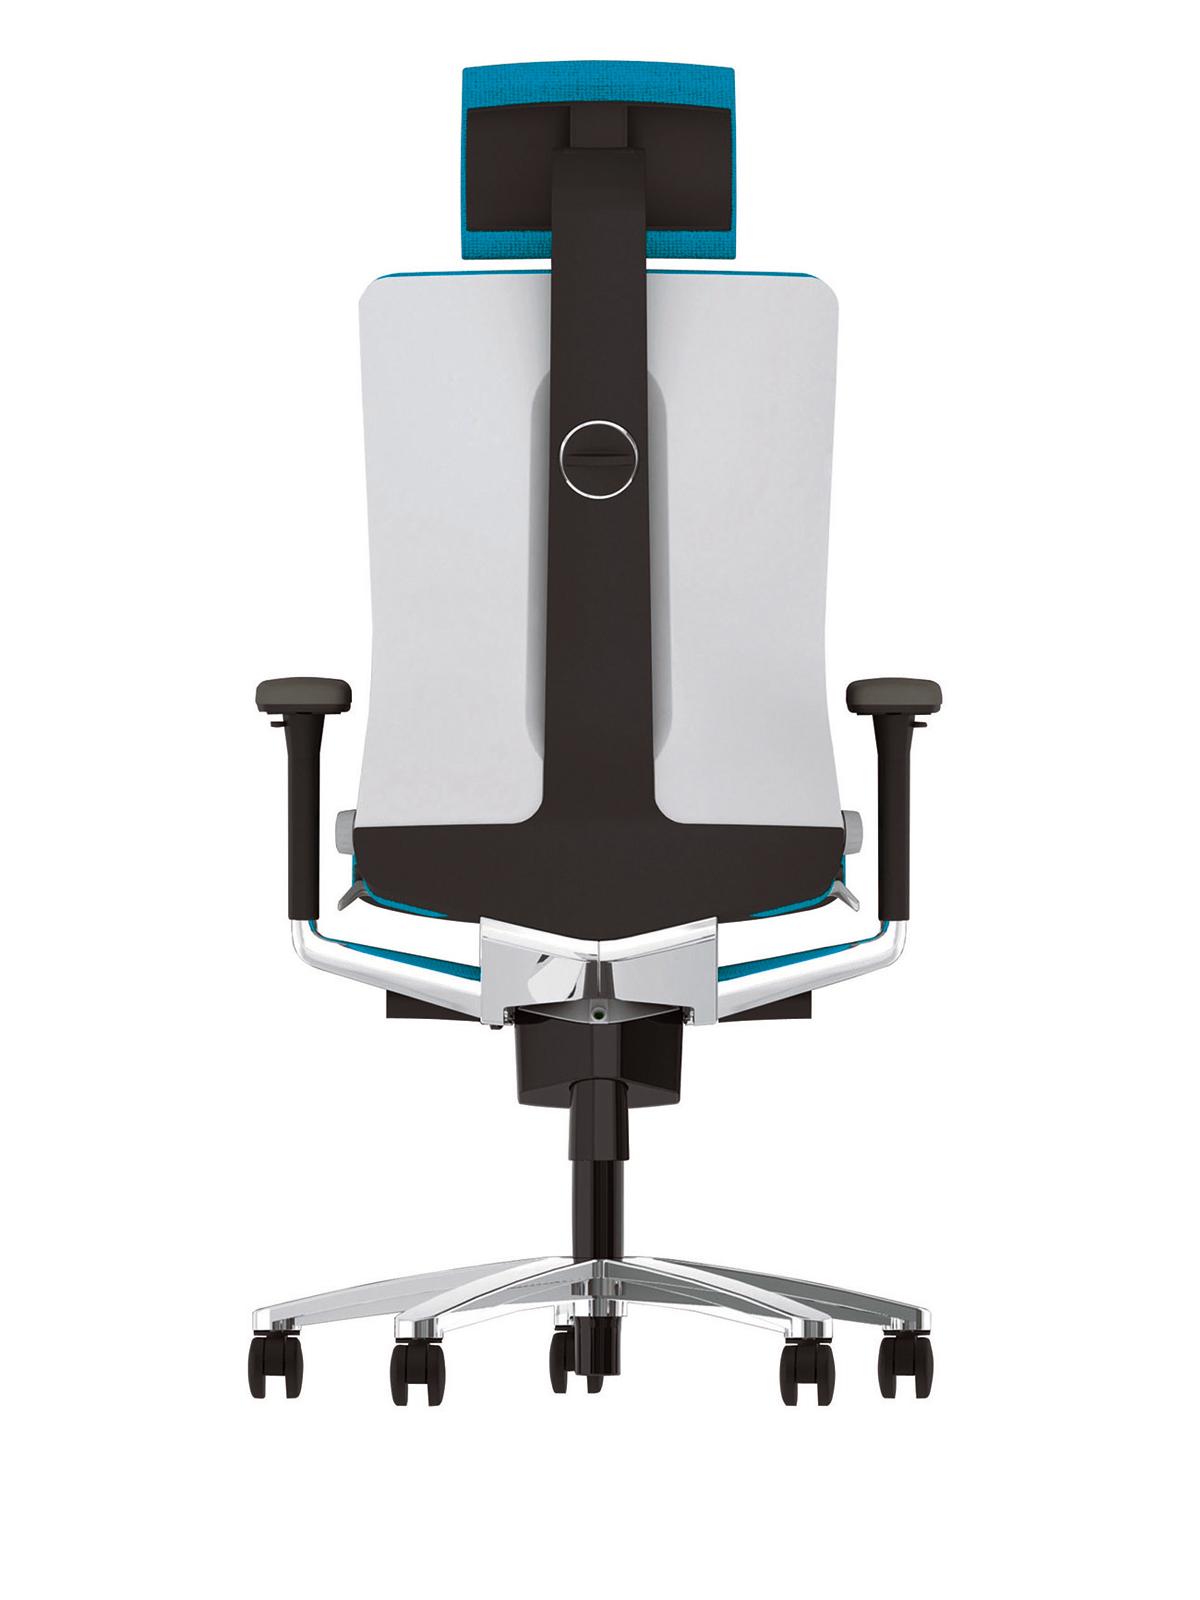 Si ge ergonomique lamiga le secret du confort et de l for 6 bureaux regionaux de l oms